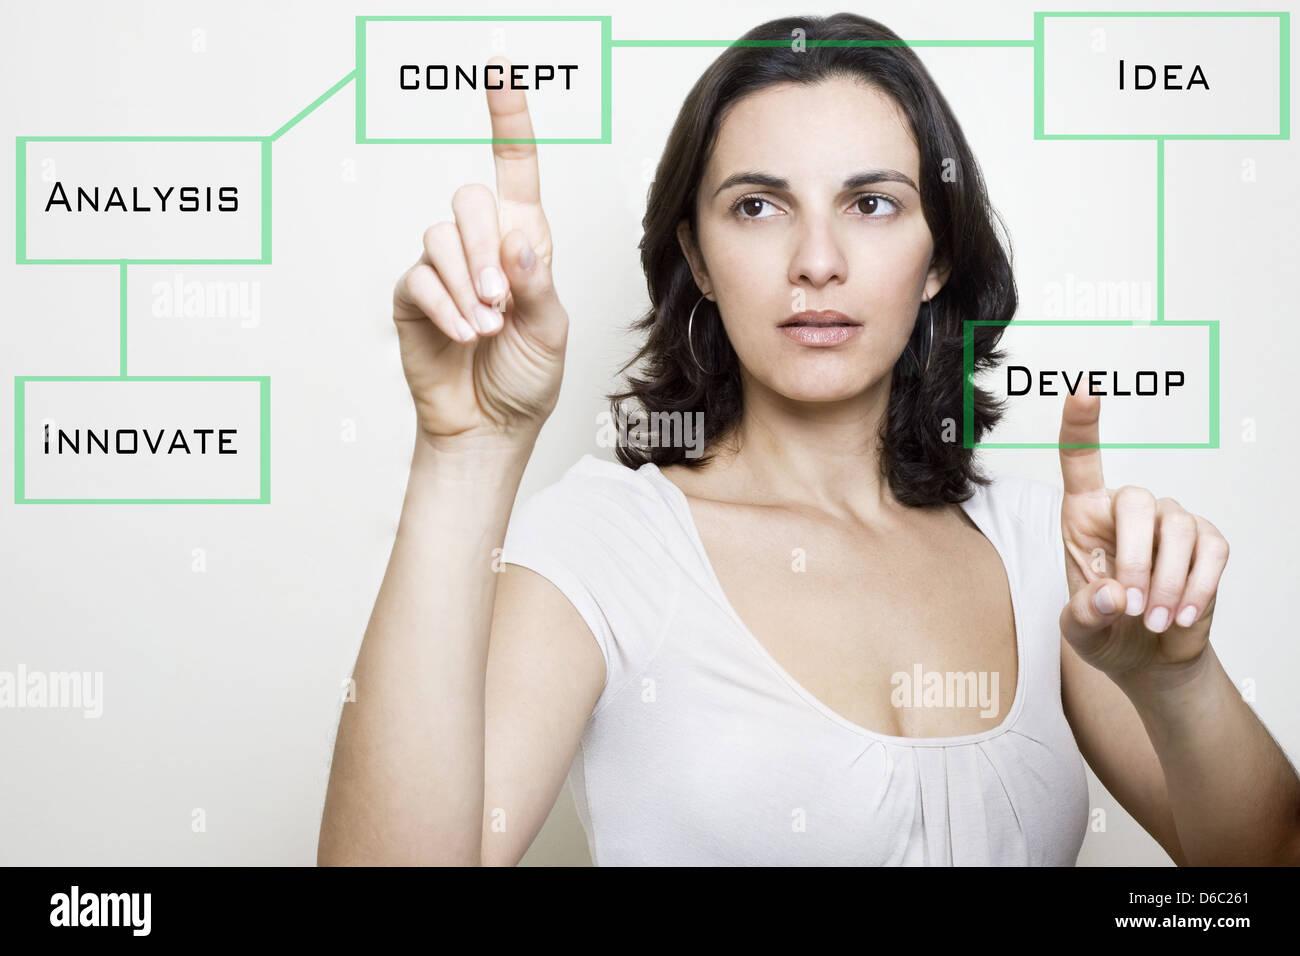 Développement,femme,idée,organisation,randonnée,visualisation,virtuel Photo Stock